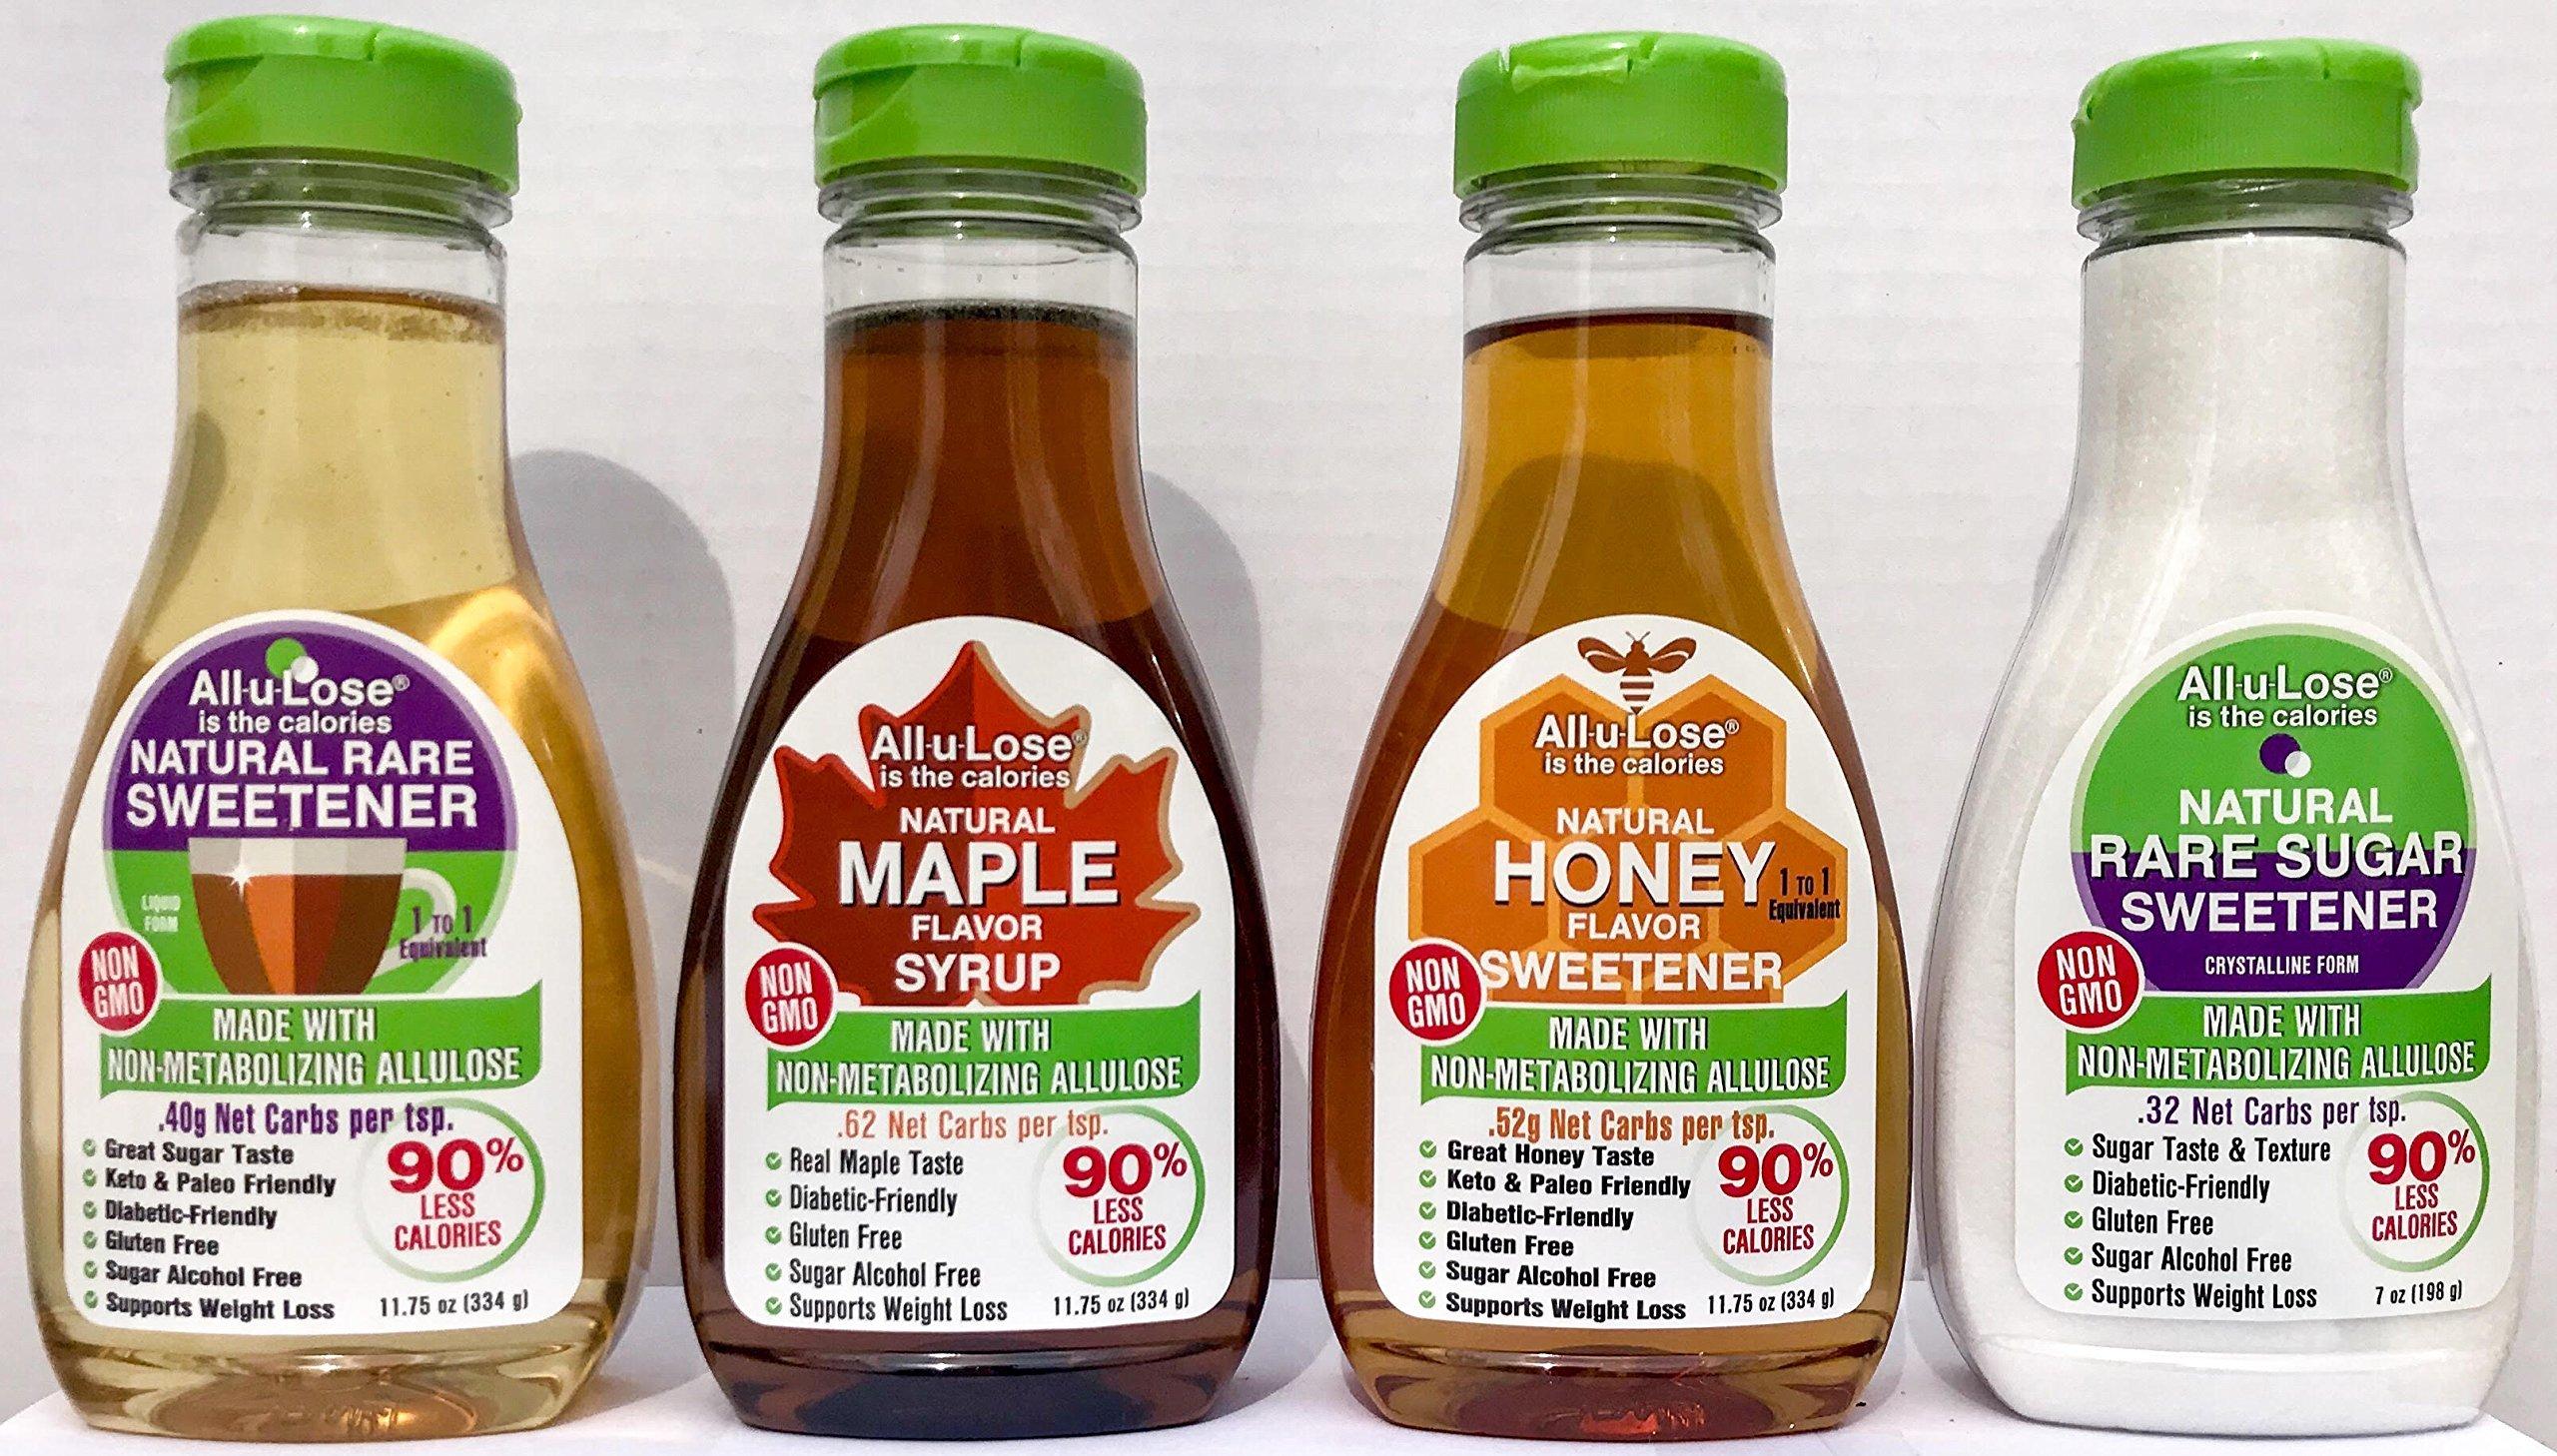 All-u-Lose Natural Rare Sugar Sweetener, Non-GMO Allulose, (Variety Pack of 4)